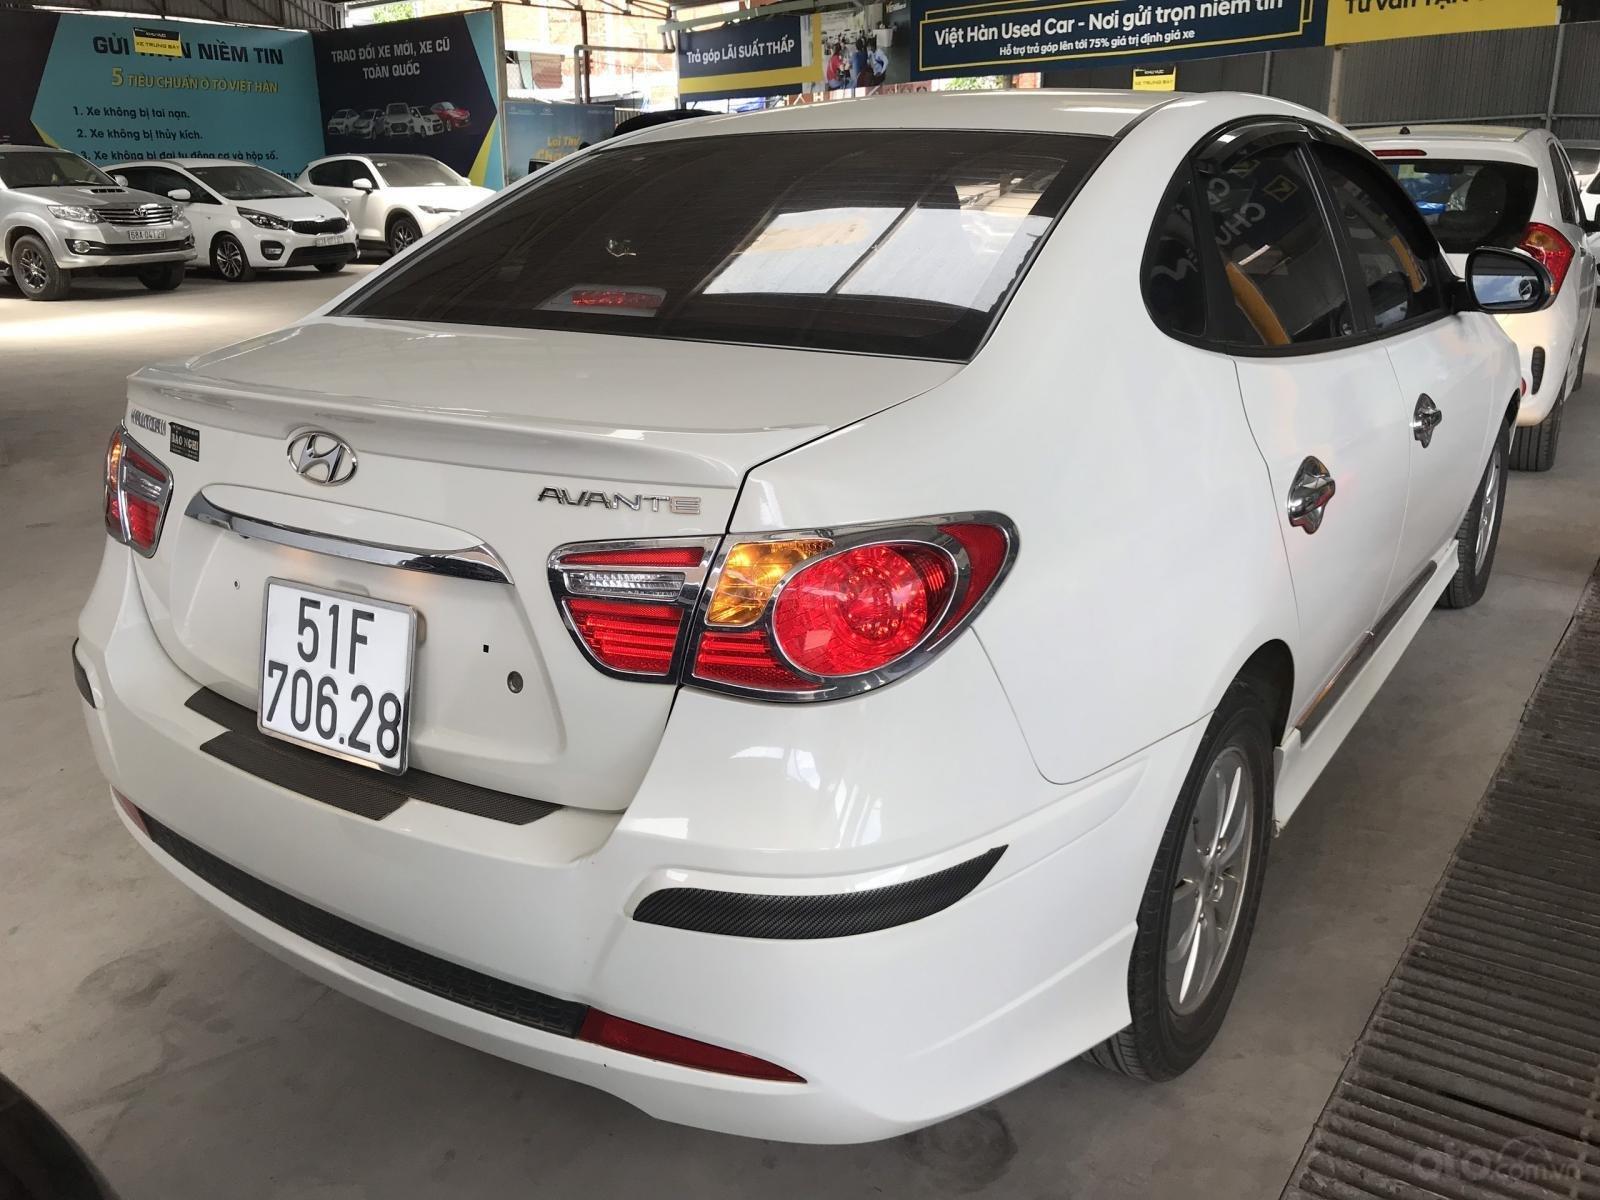 Bán Hyundai Avante 1.6MT màu trắng, số sàn, sản xuất 2016, biển Sài Gòn 1 chủ-5